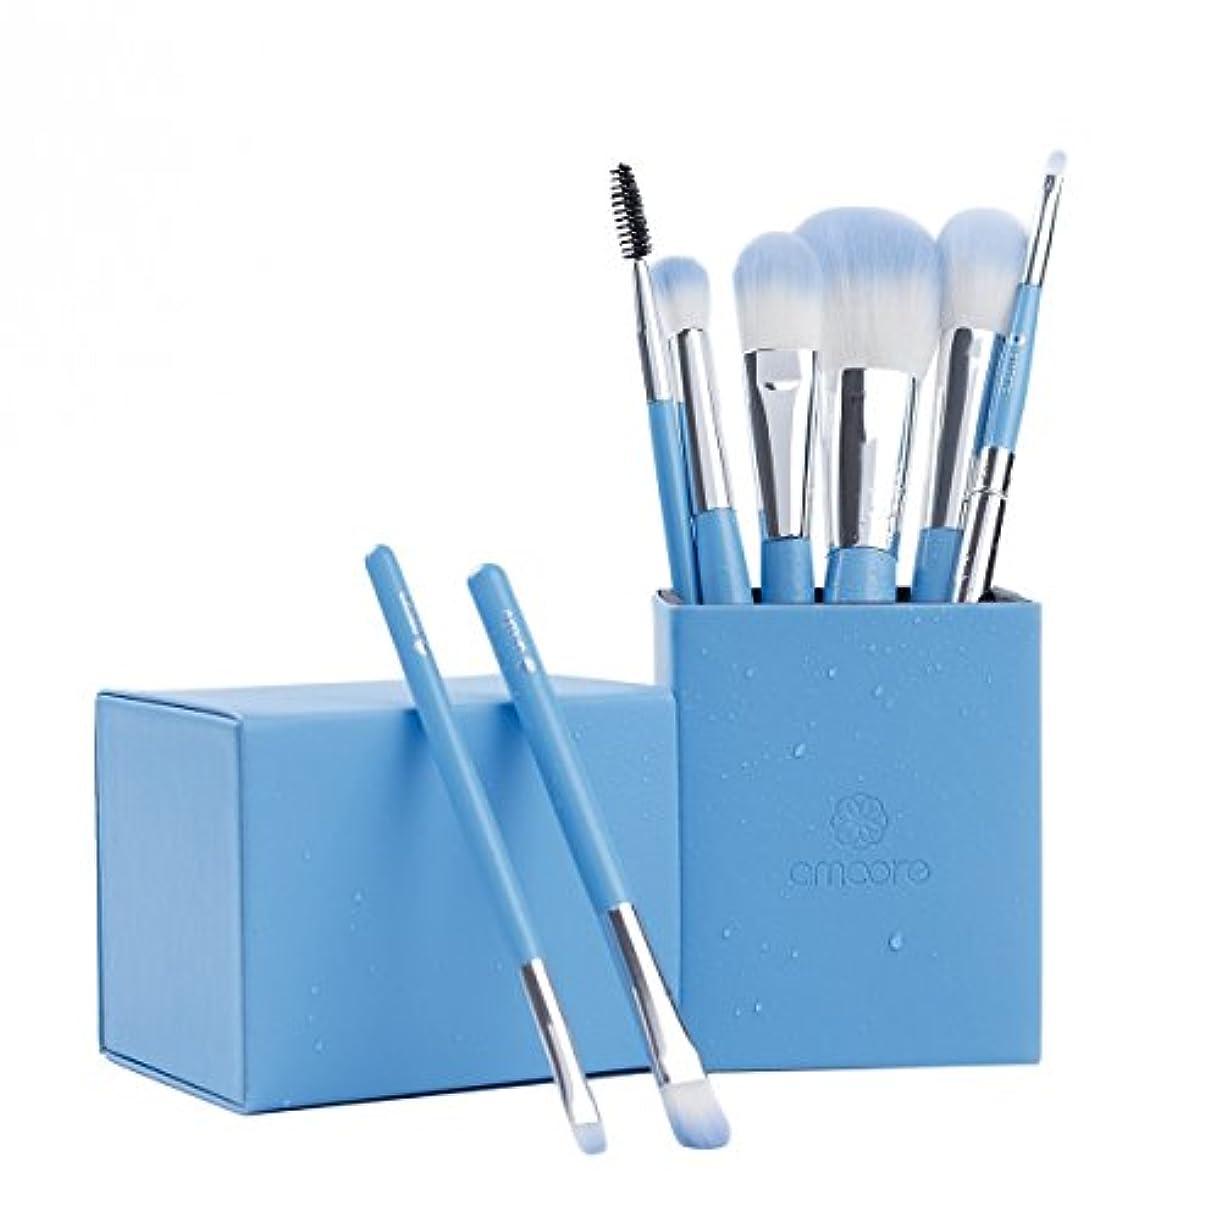 うま影響計器amoore 化粧筆 メイクブラシセット 化粧ブラシ セット コスメ ブラシ 収納ケース付き (8本, 水色)